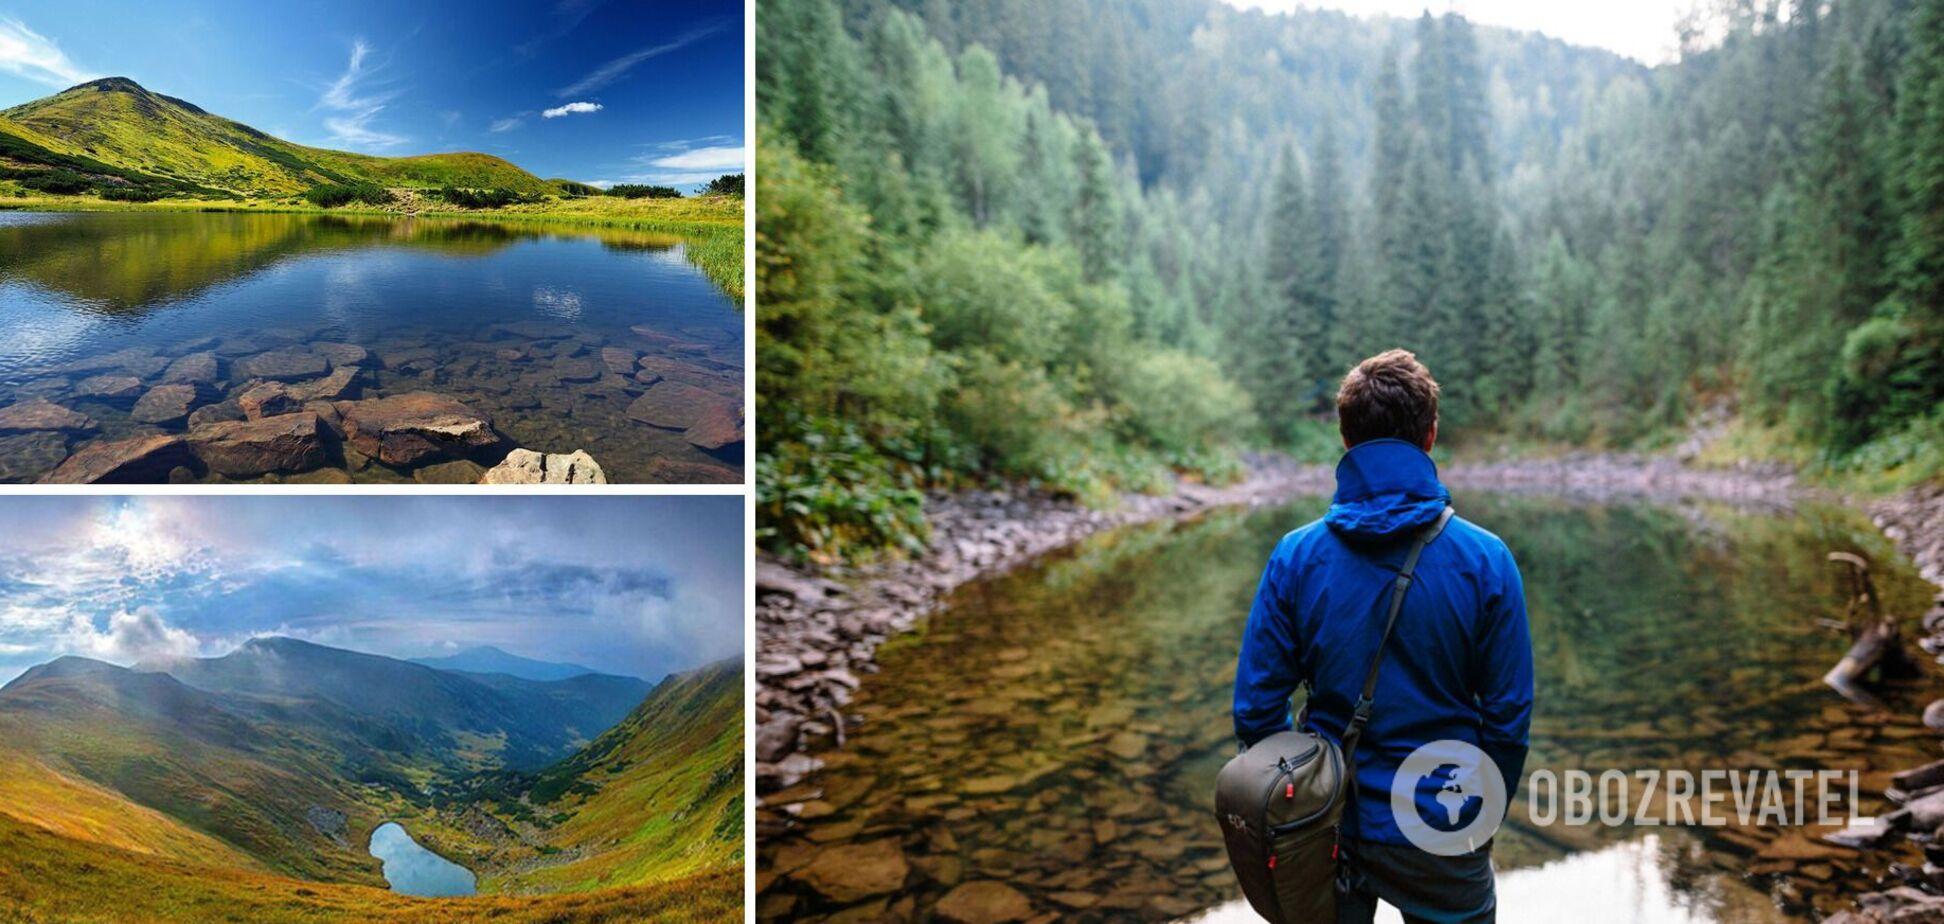 Топ-5 самых красивых озер Украины, о которых вы не слышали